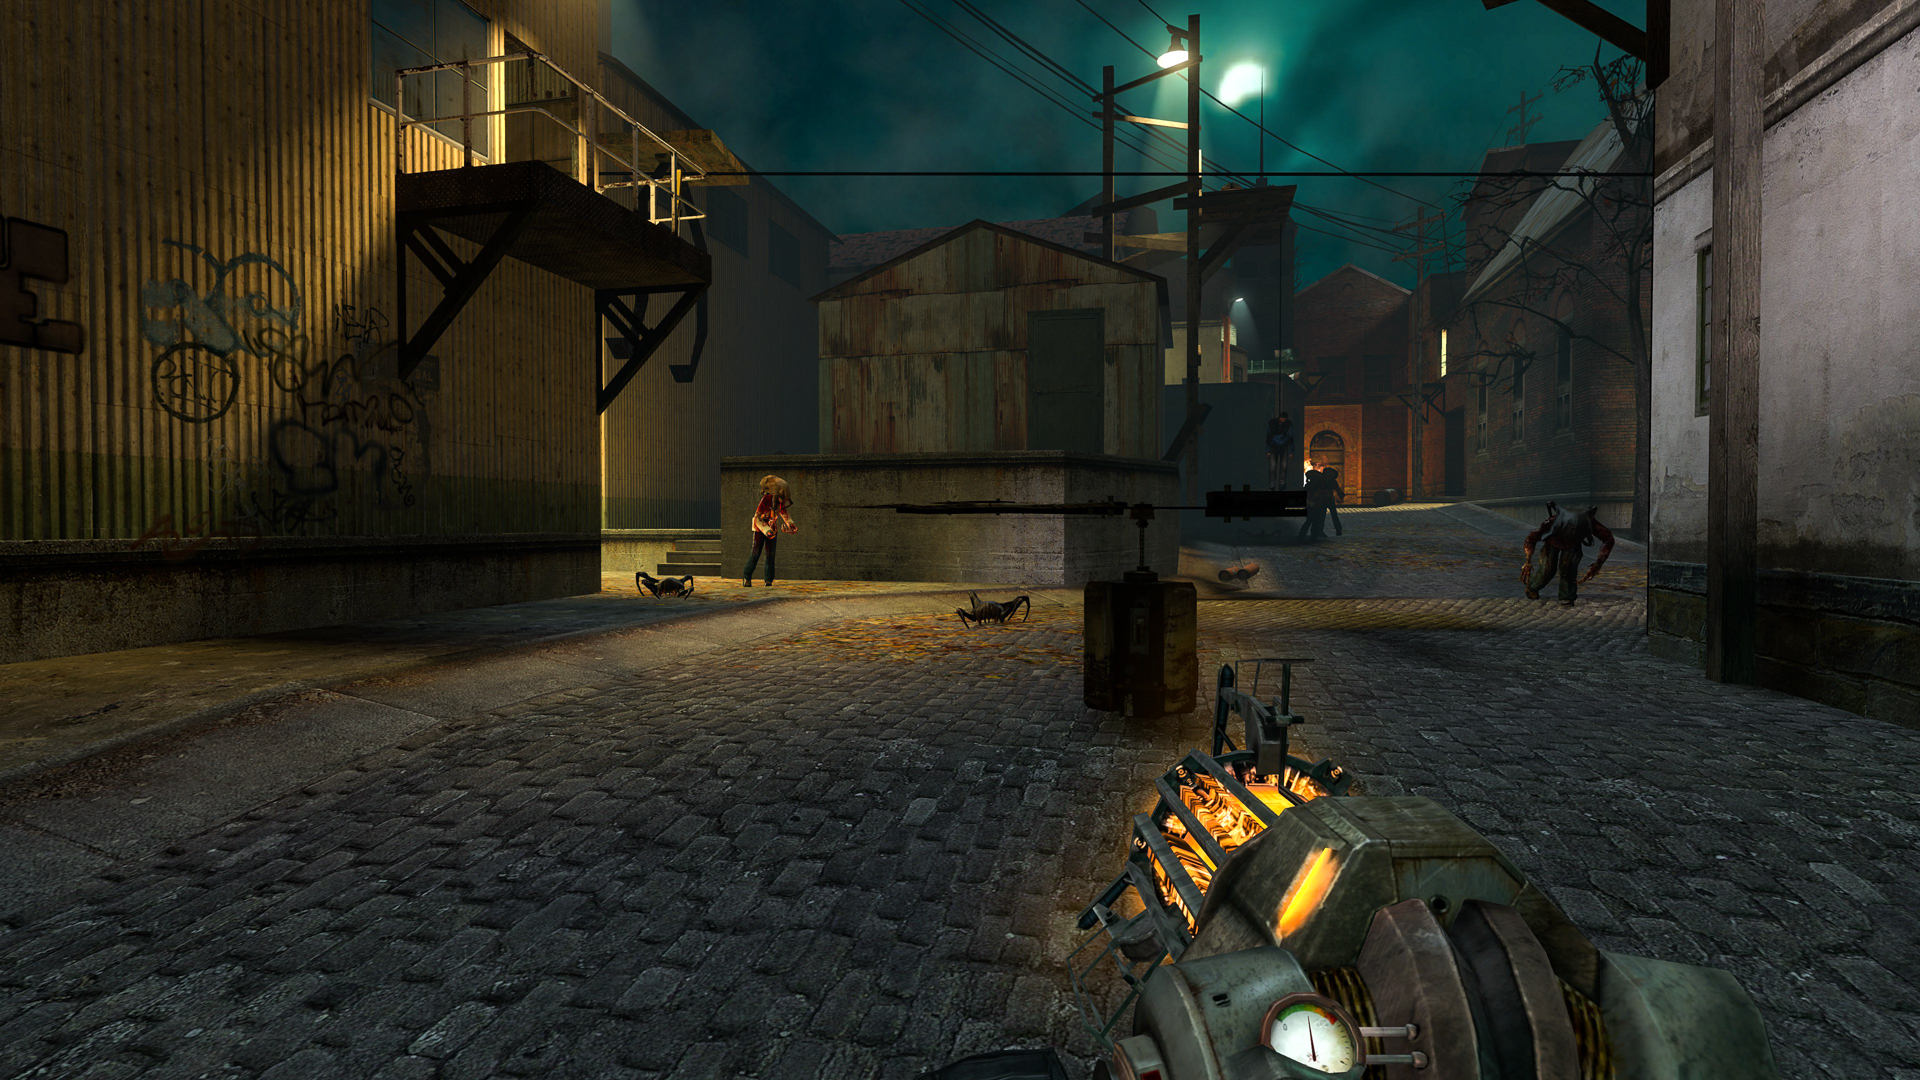 modifier HalfLife est un jeu de tir à la première personne développé par Valve Corporation et publié par Sierra le 19 novembre 1998 pour Microsoft Windows